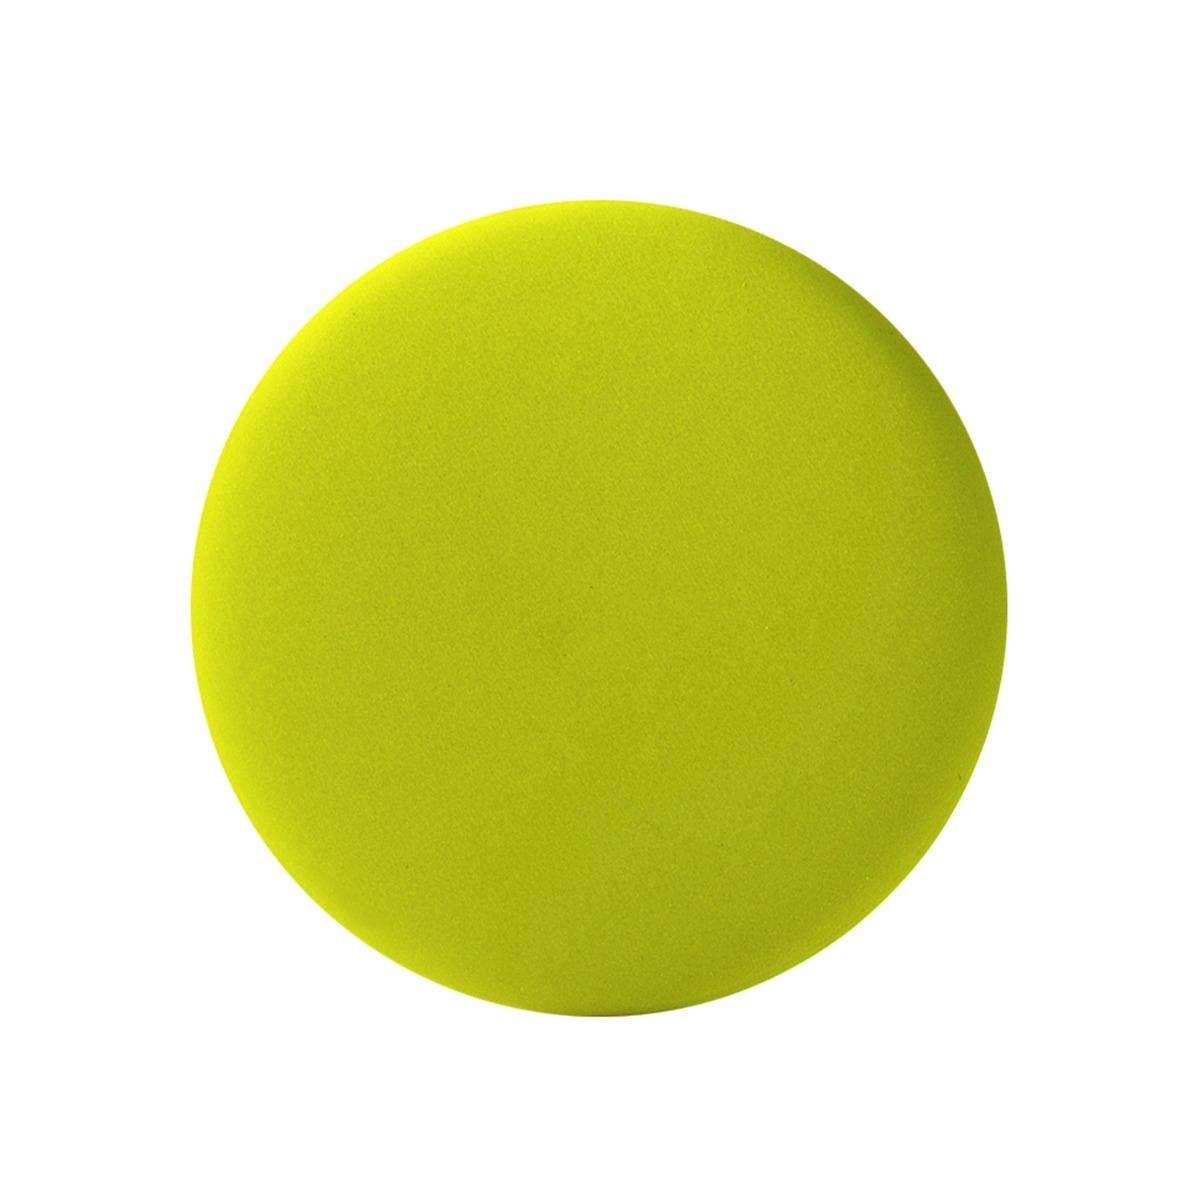 Designtorget Reflekterande pin liten gul